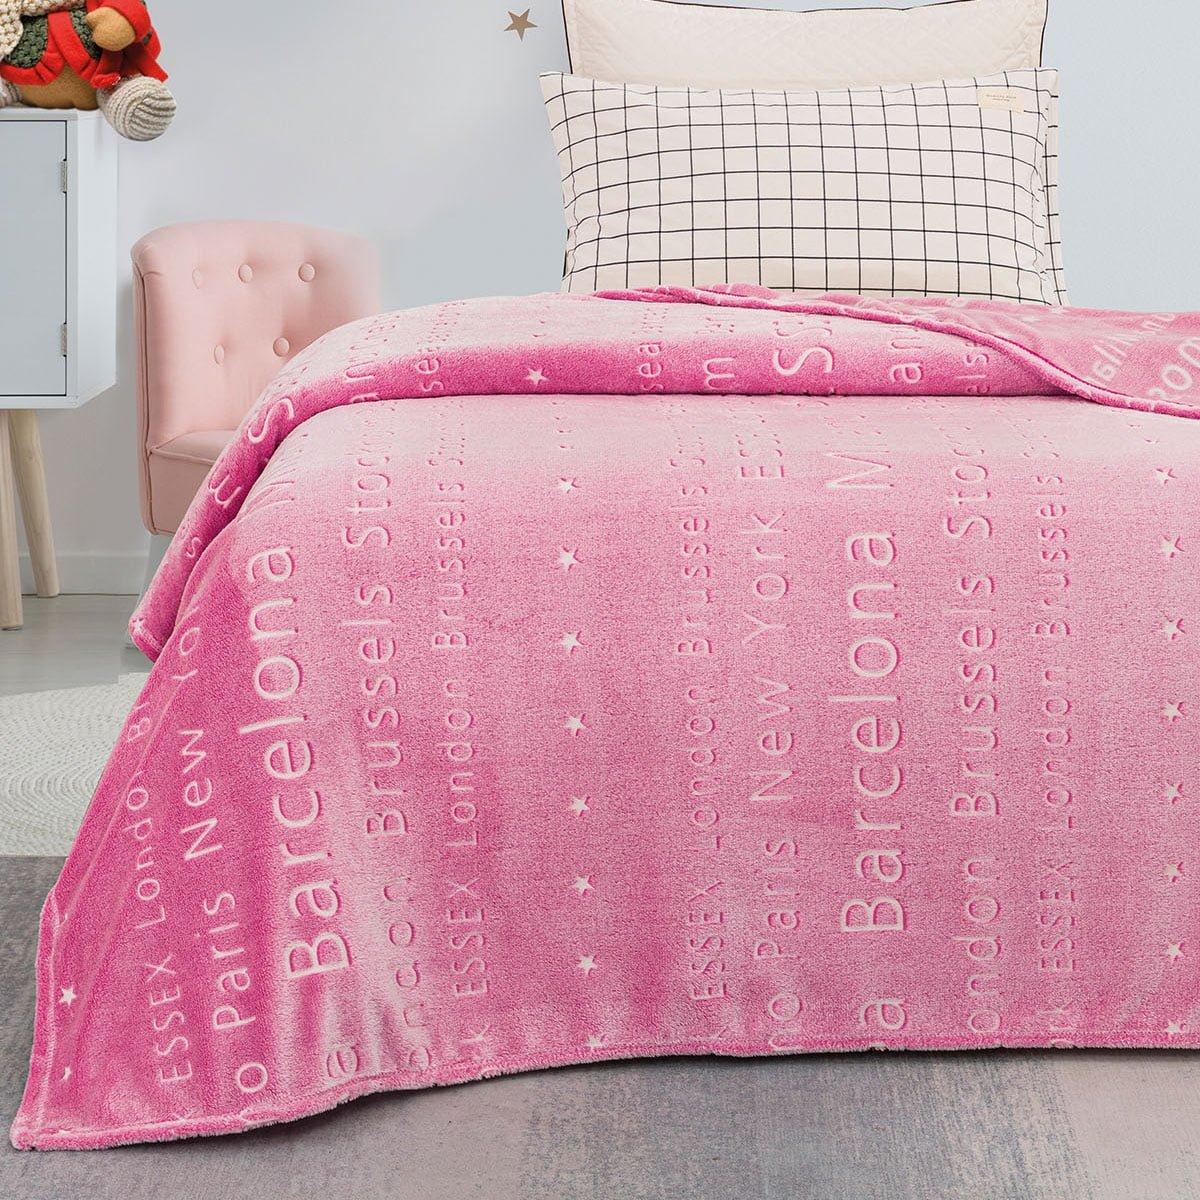 Κουβέρτα μονή φωσφορίζουσα Art 6134  160x220 Ροζ Beauty Home